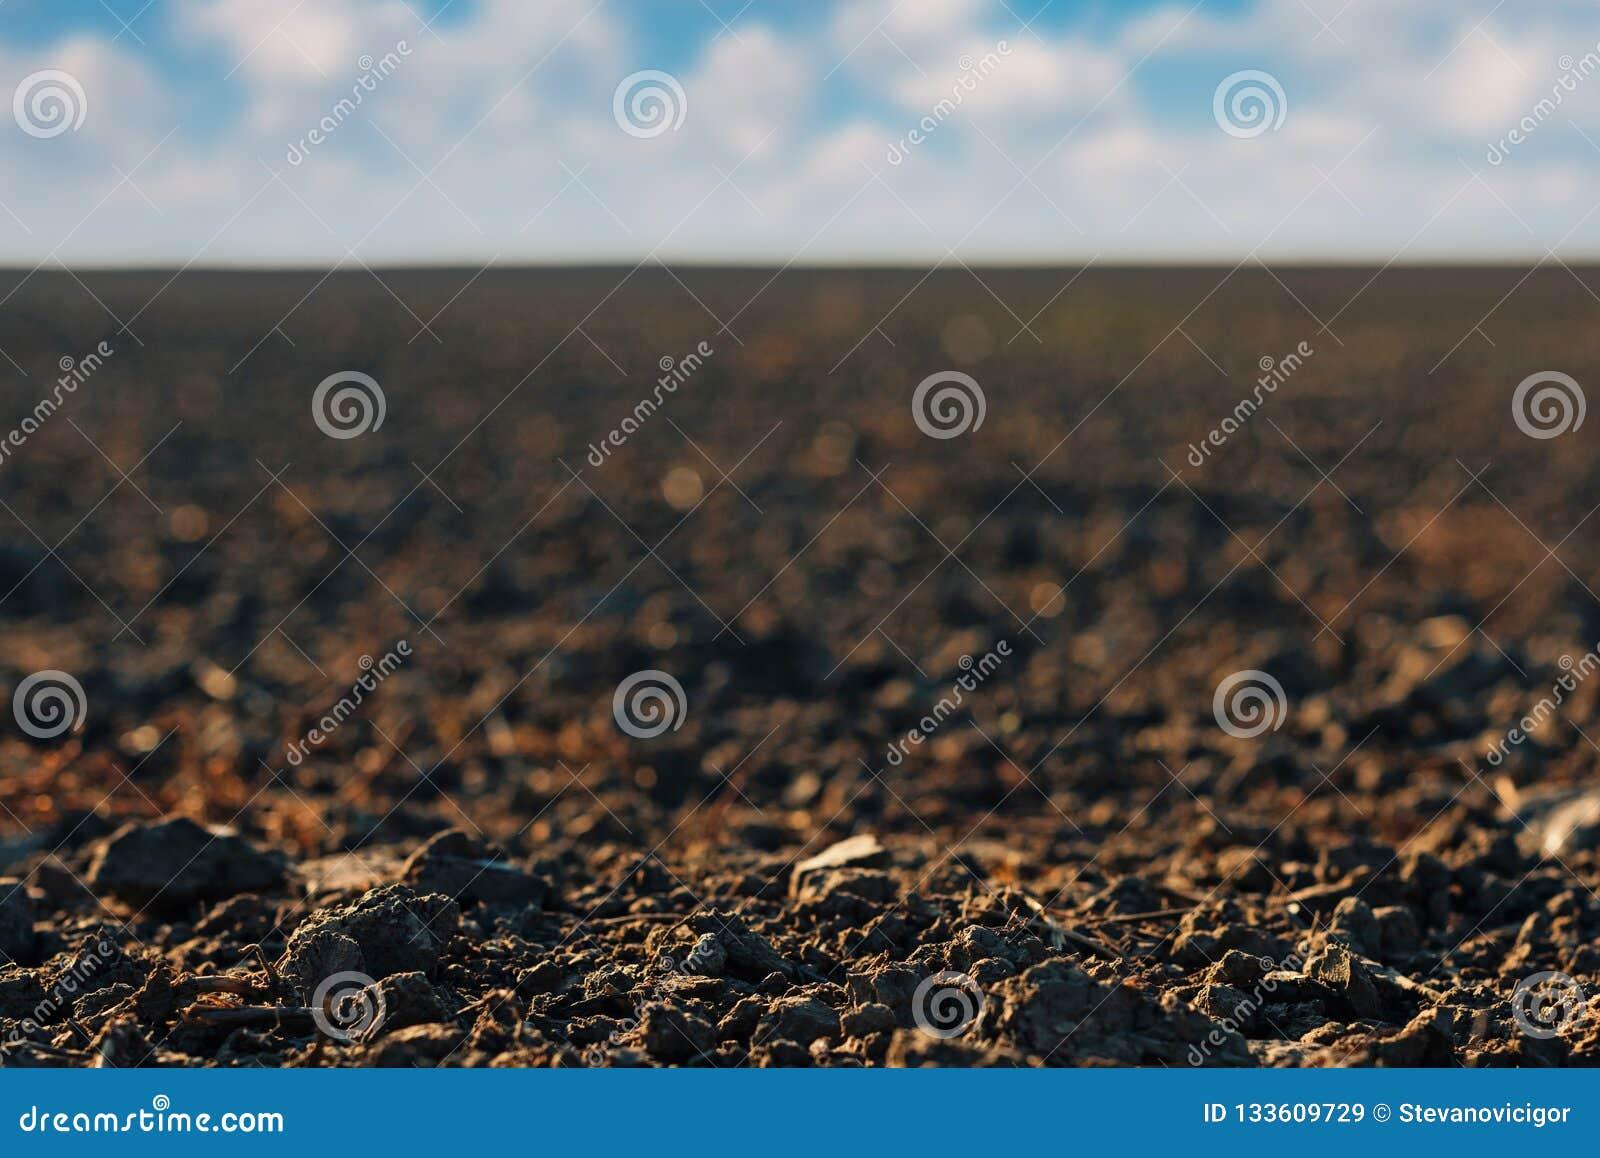 关闭最近被耕的耕地土壤